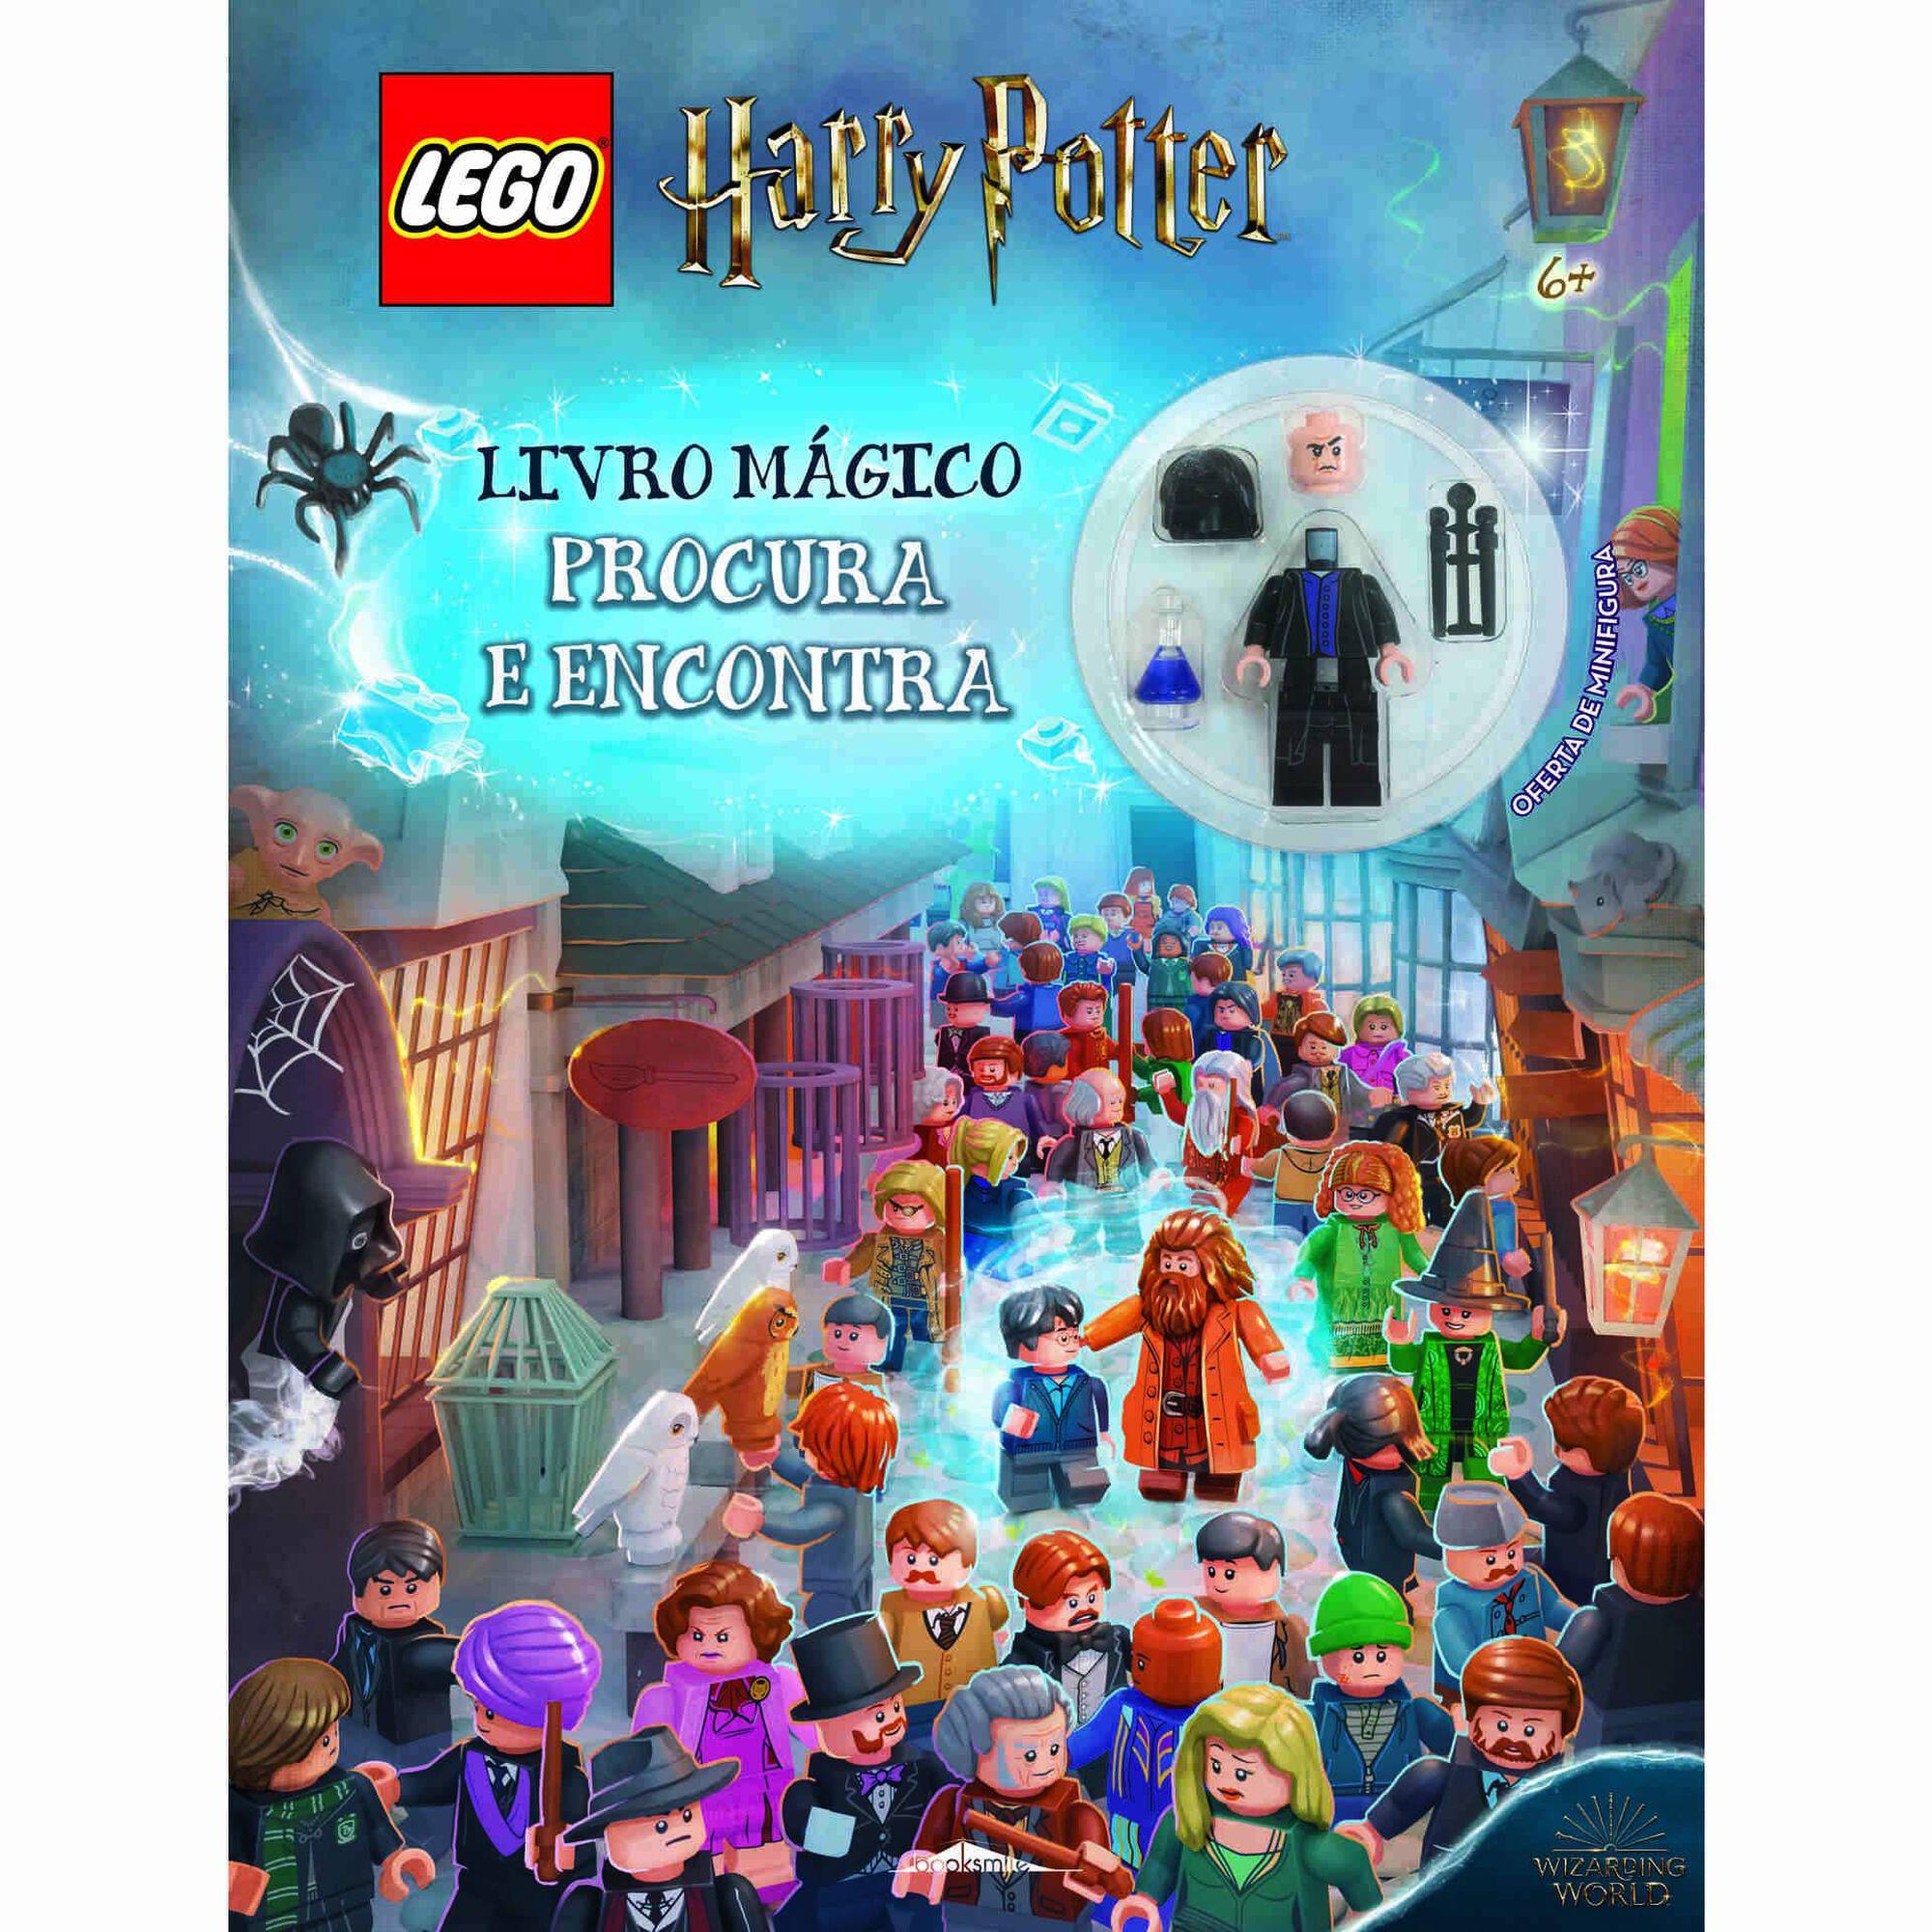 LEGO Harry Potter - Livro Mágico Procura e Encontra